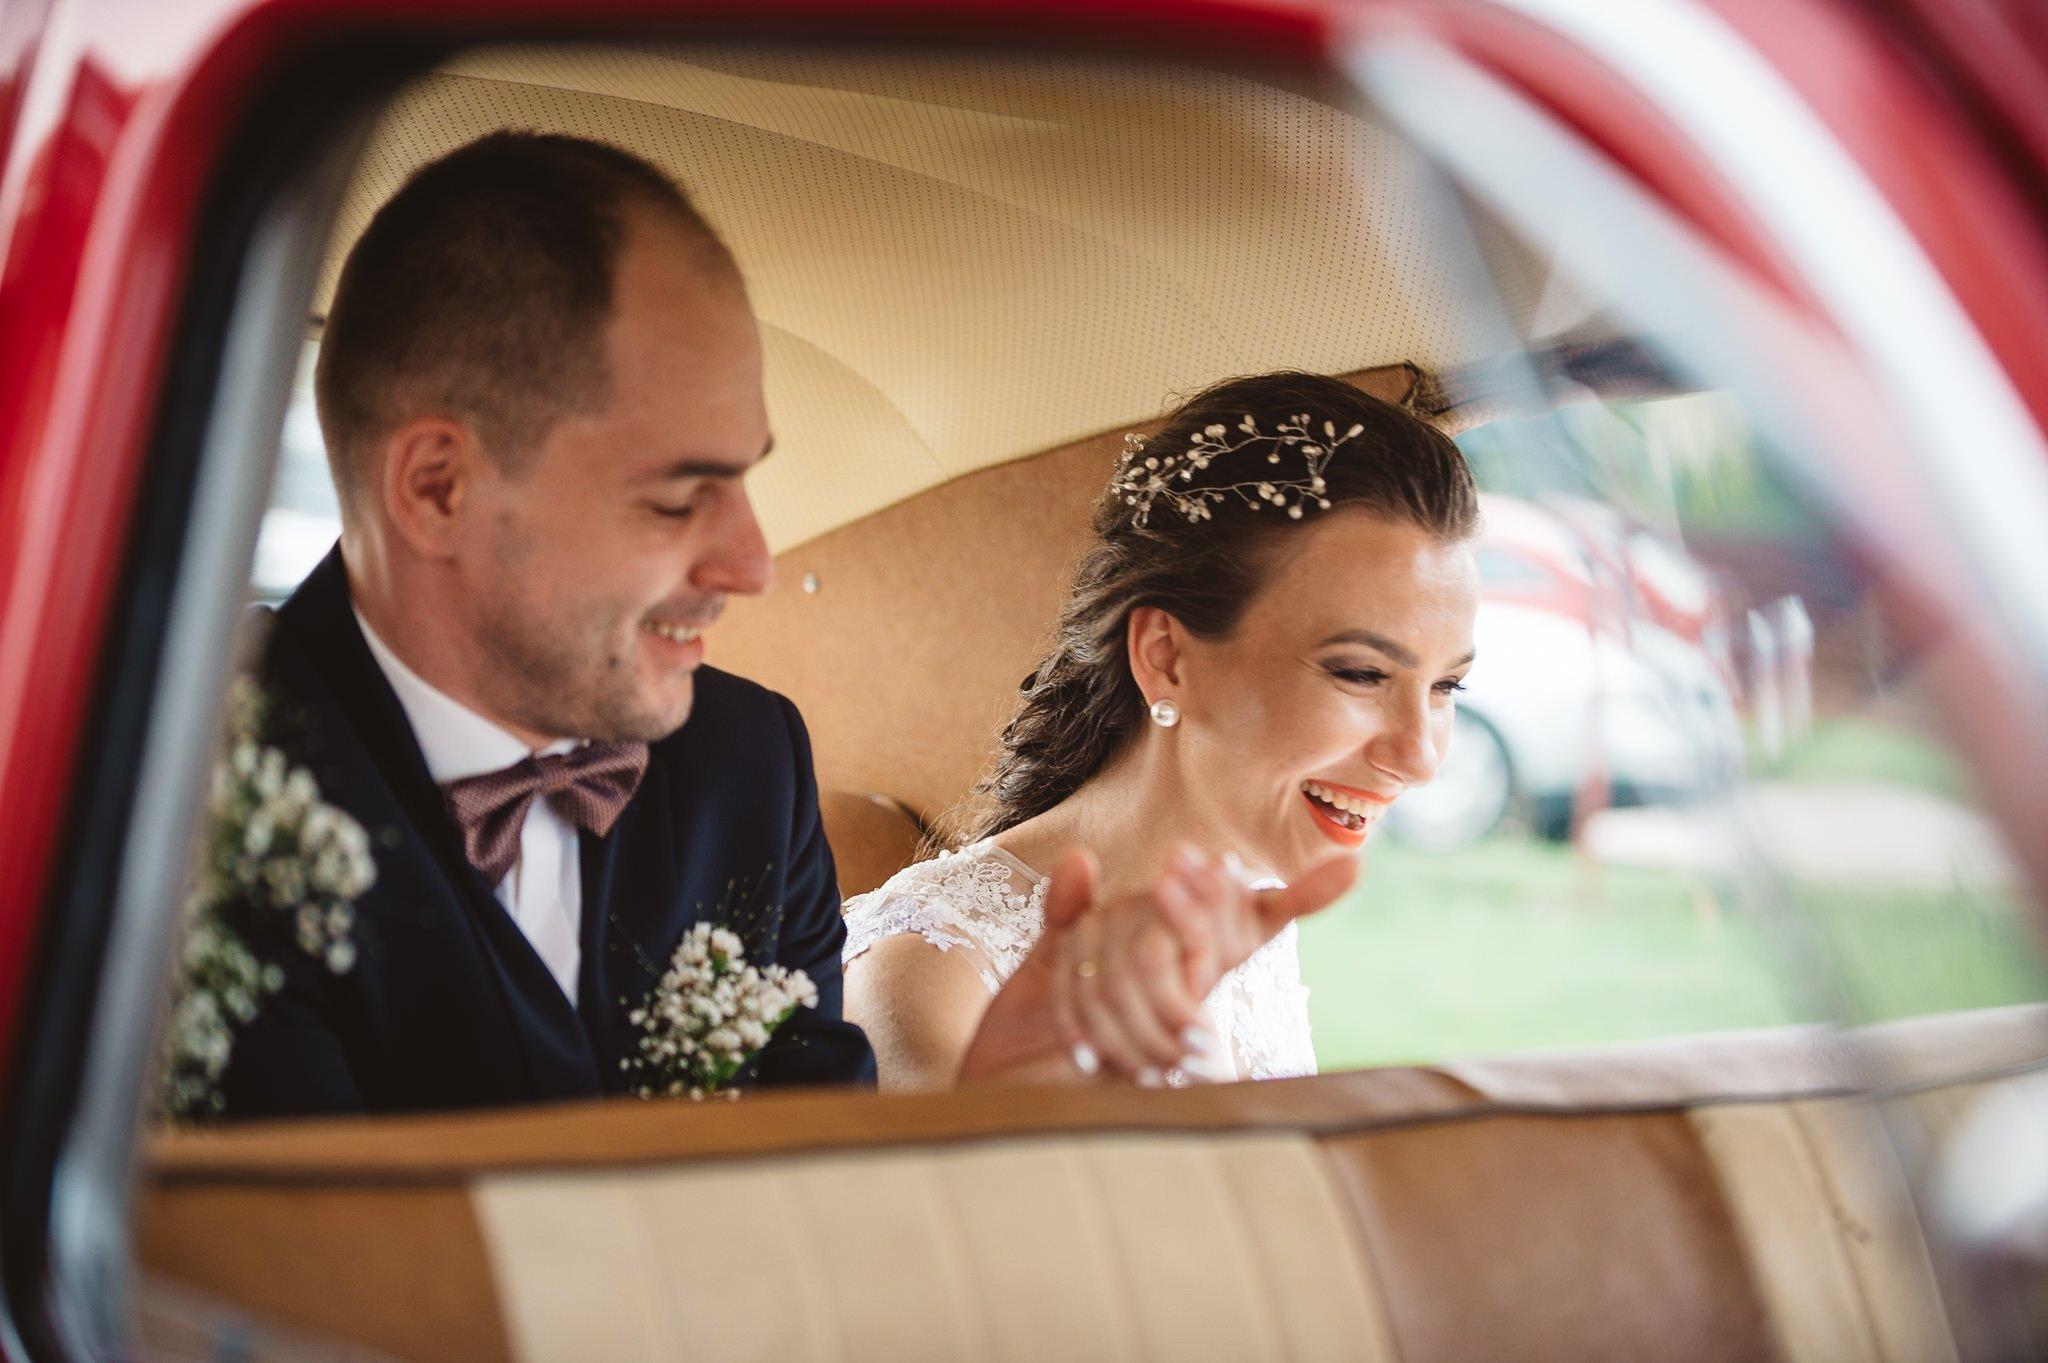 Ala i Arek, czyli jak zorganizować ślub i wesele w 4 tygodnie! 133